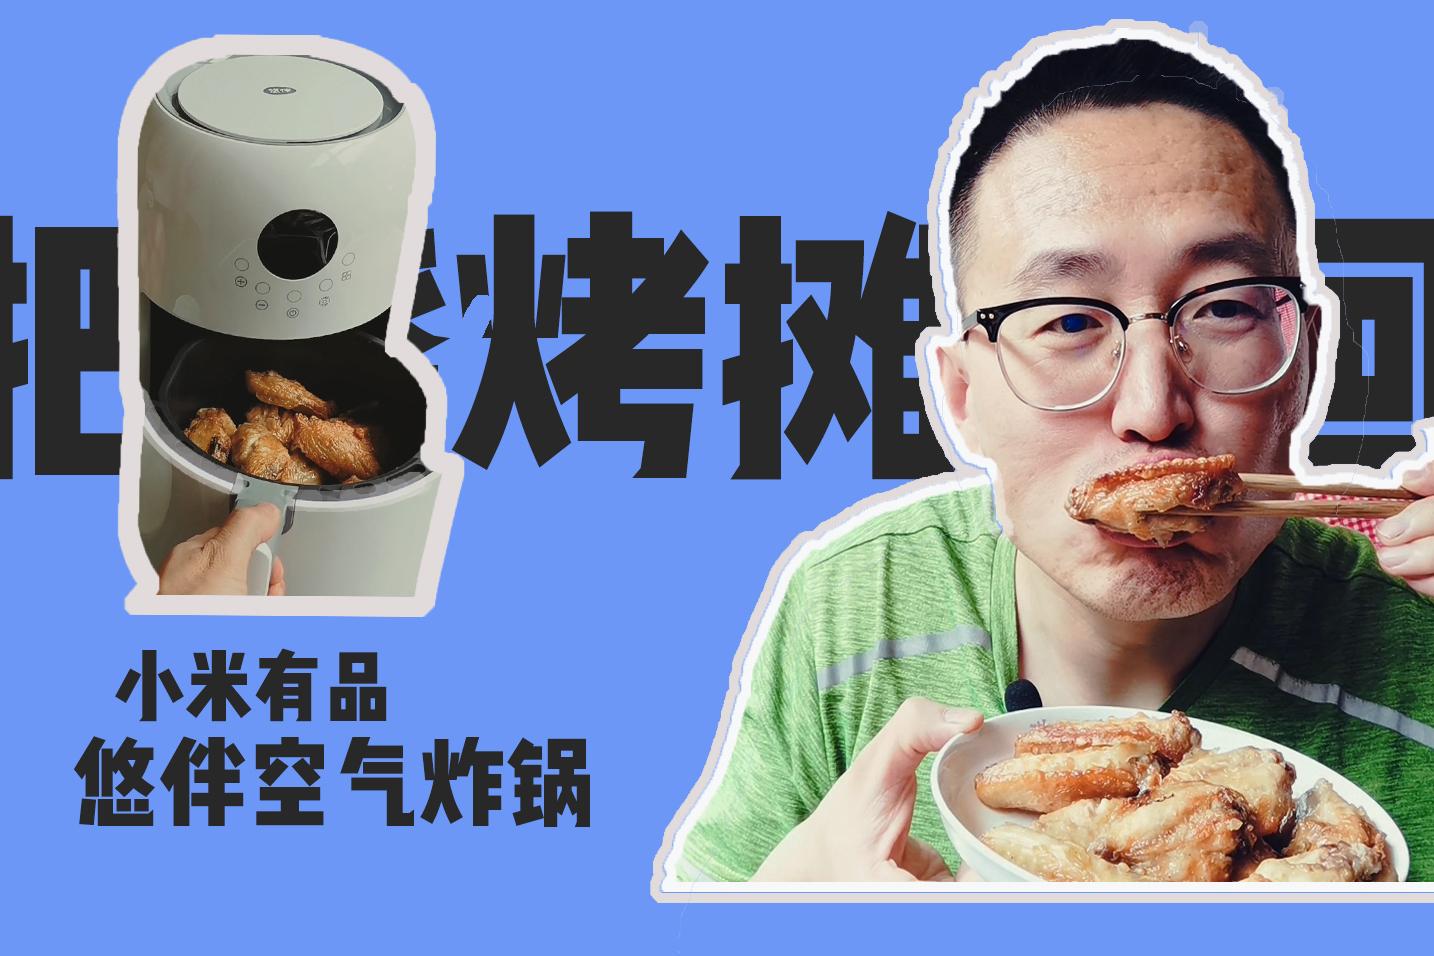 省心省力,厨房好帮手,小米有品悠伴空气炸锅